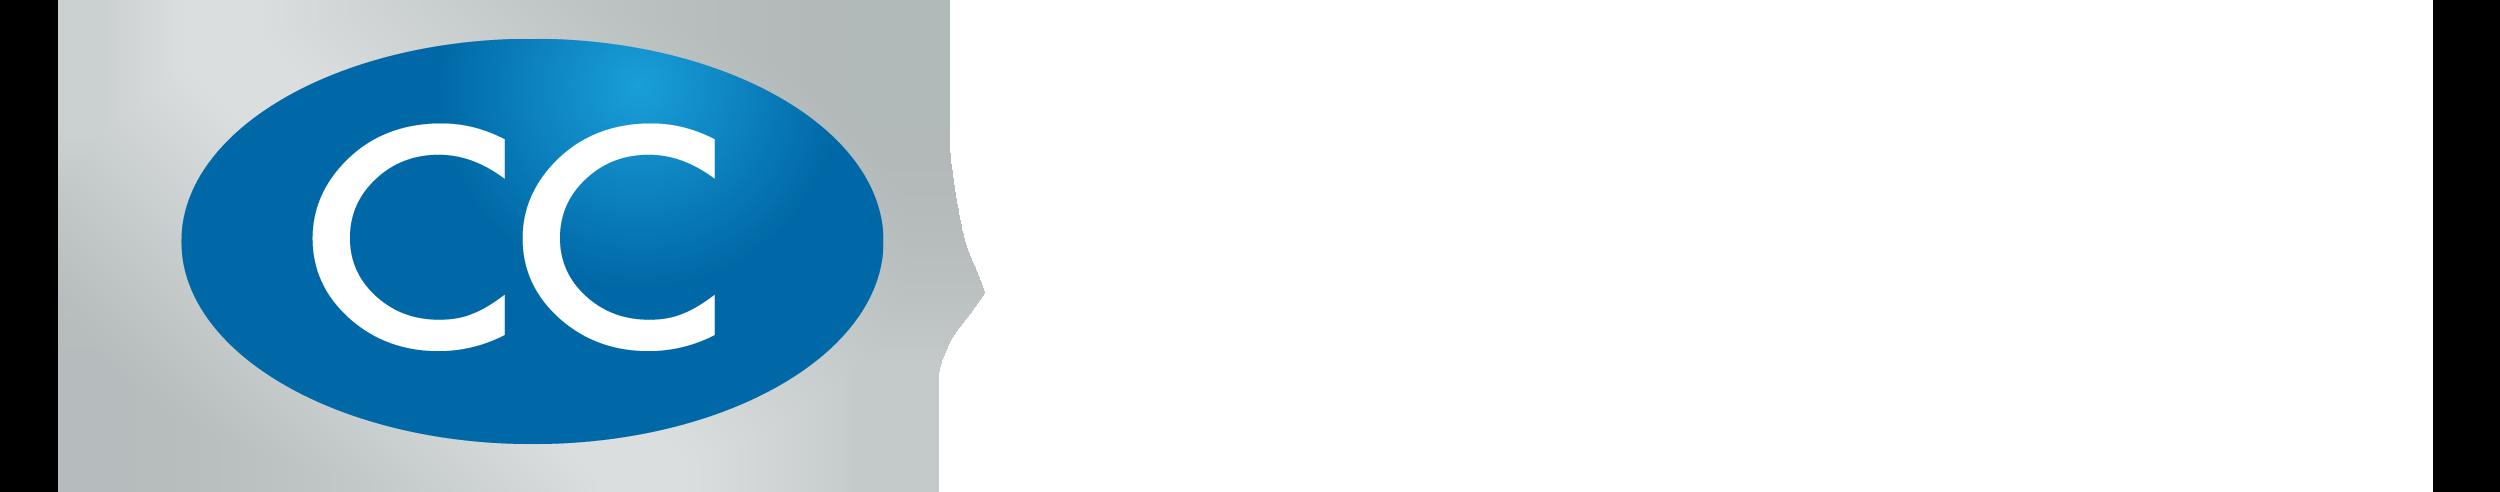 Clean Credit